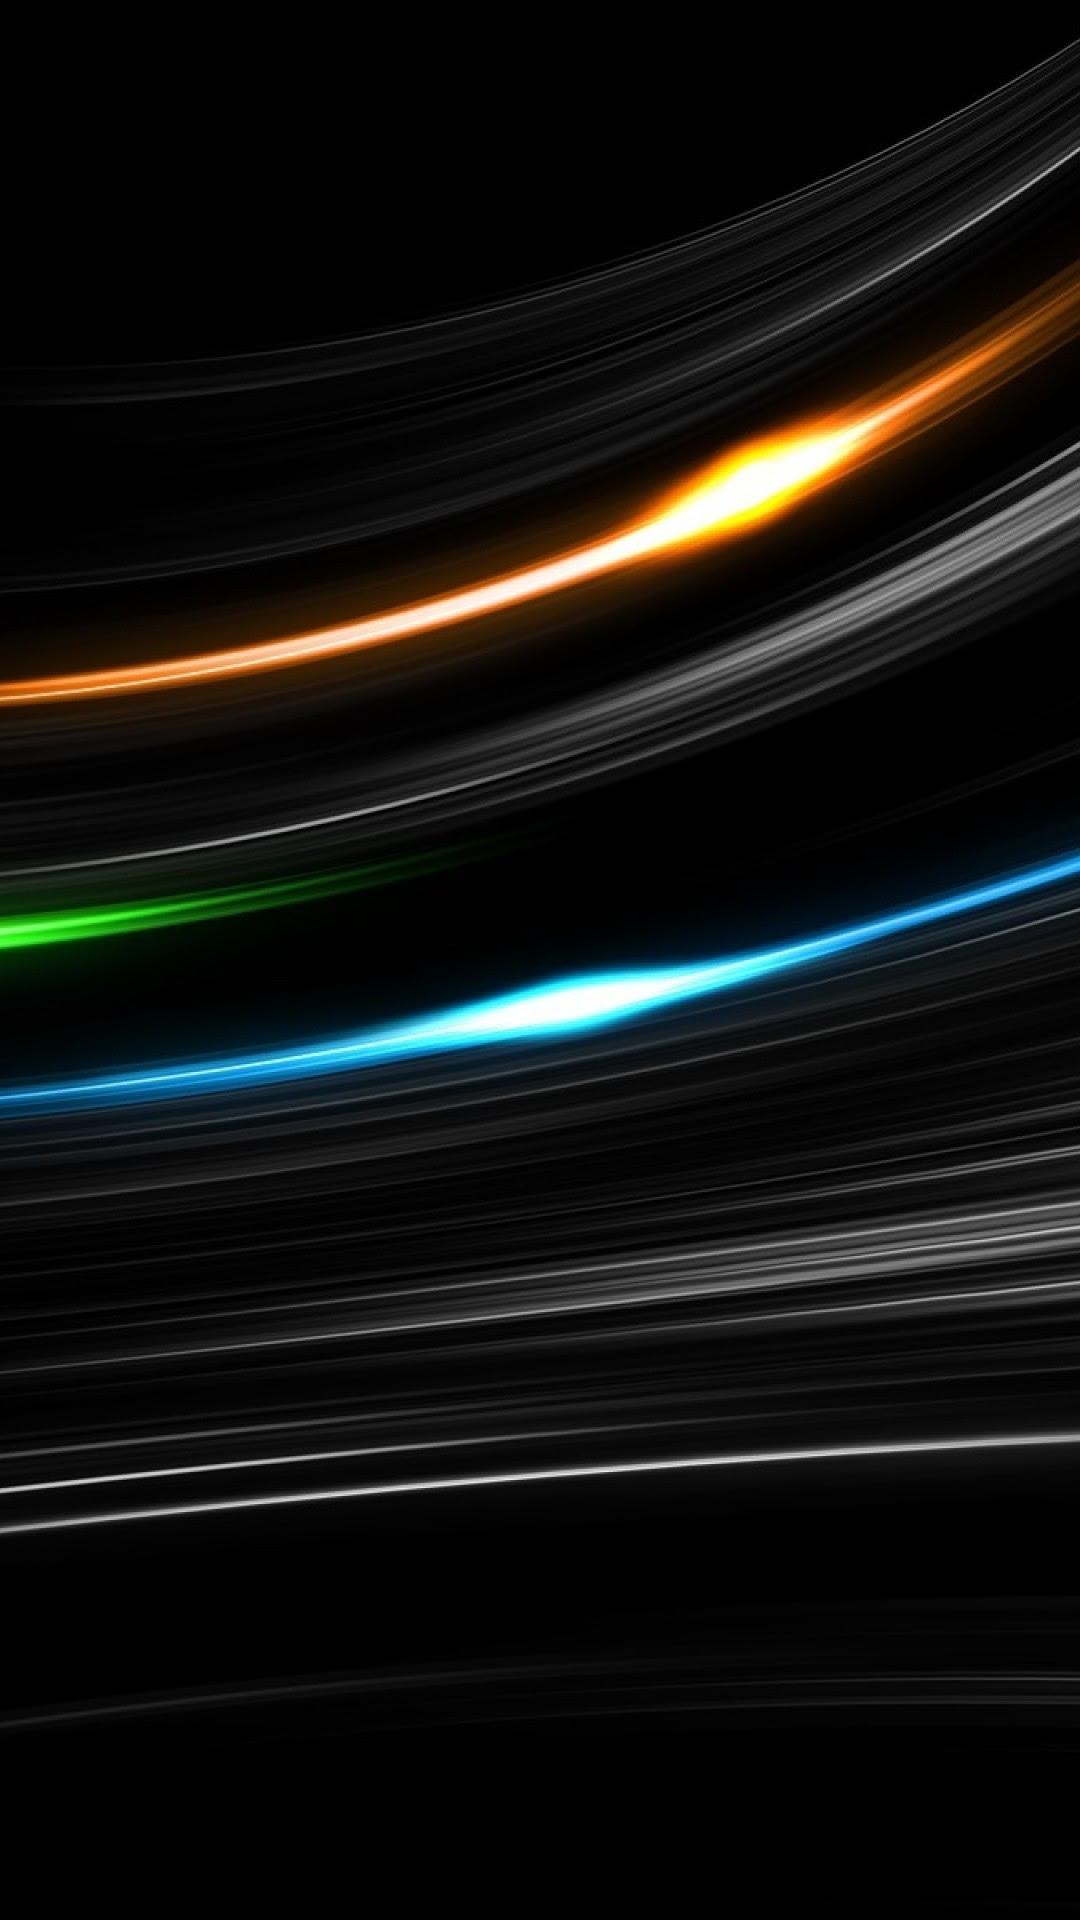 Dark Wallpaper Hd 1080p For Mobile Images Slike